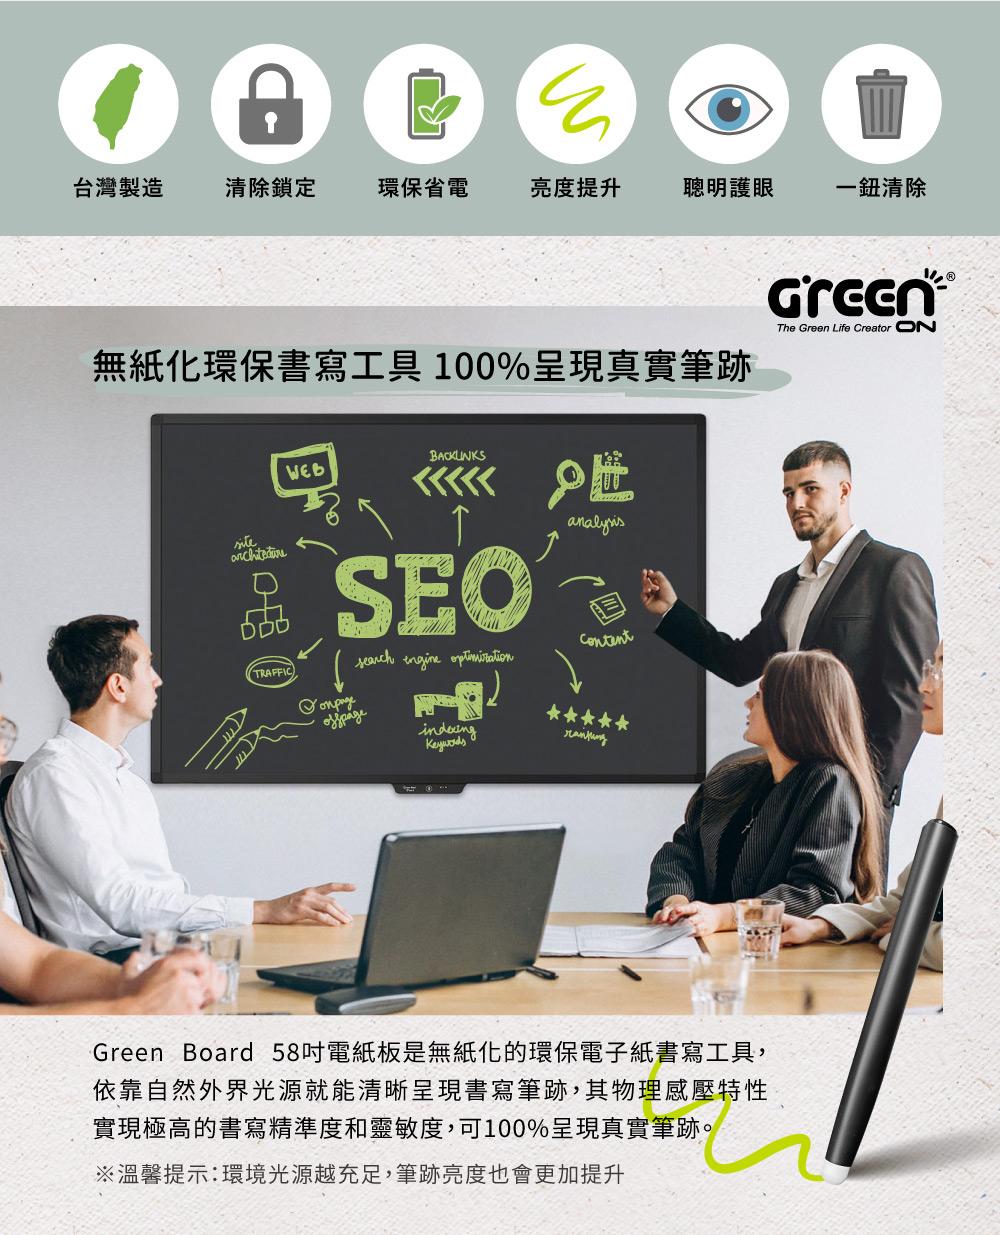 Green Board 58吋 清除鎖定電紙板 無紙化環保書寫工具 100%呈現真實筆跡